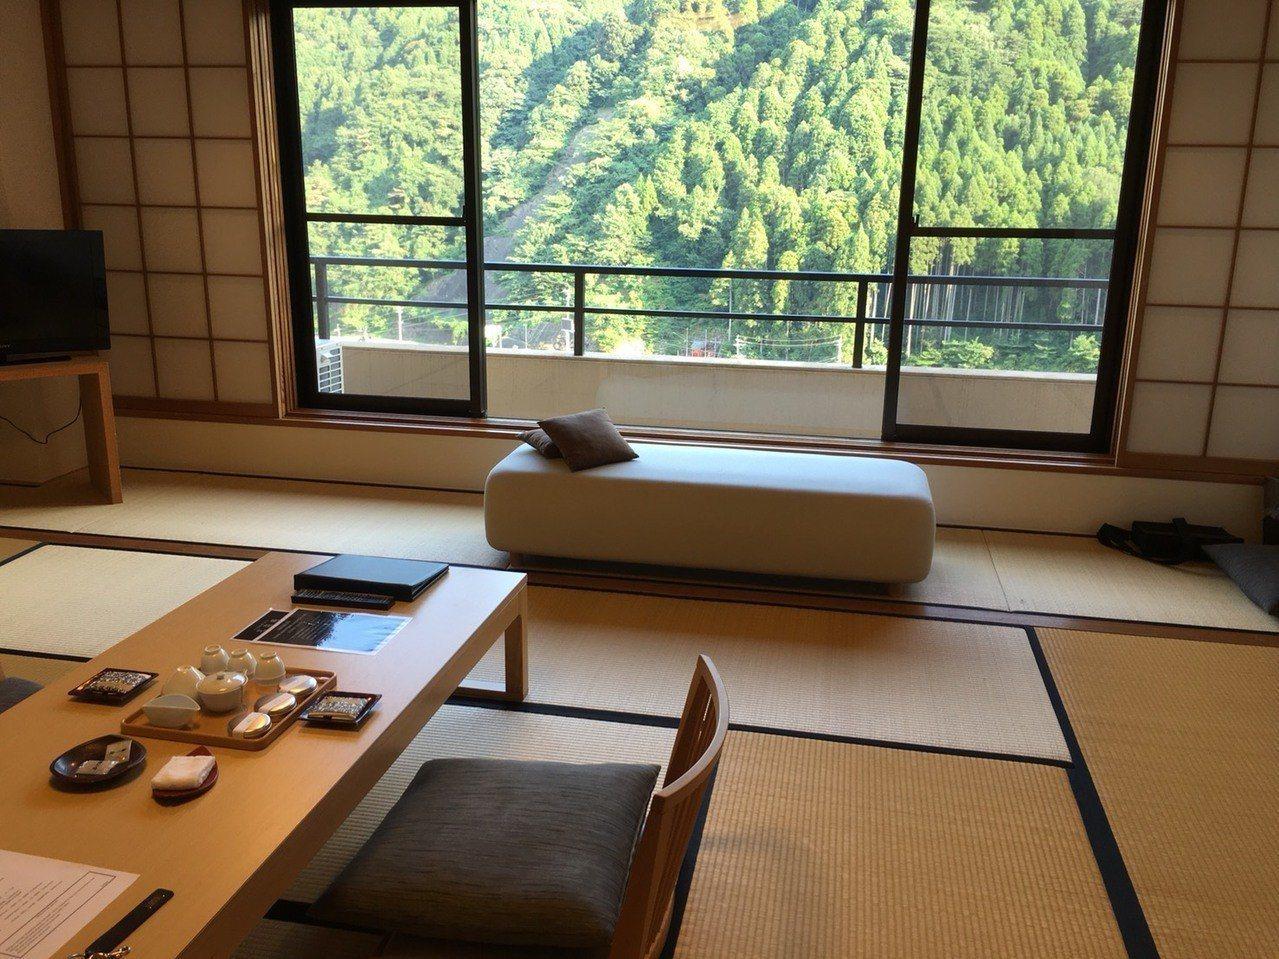 日本政府觀光局(JNTO)公布7月分的外國觀光客283.2萬人,創歷年7月紀錄,...